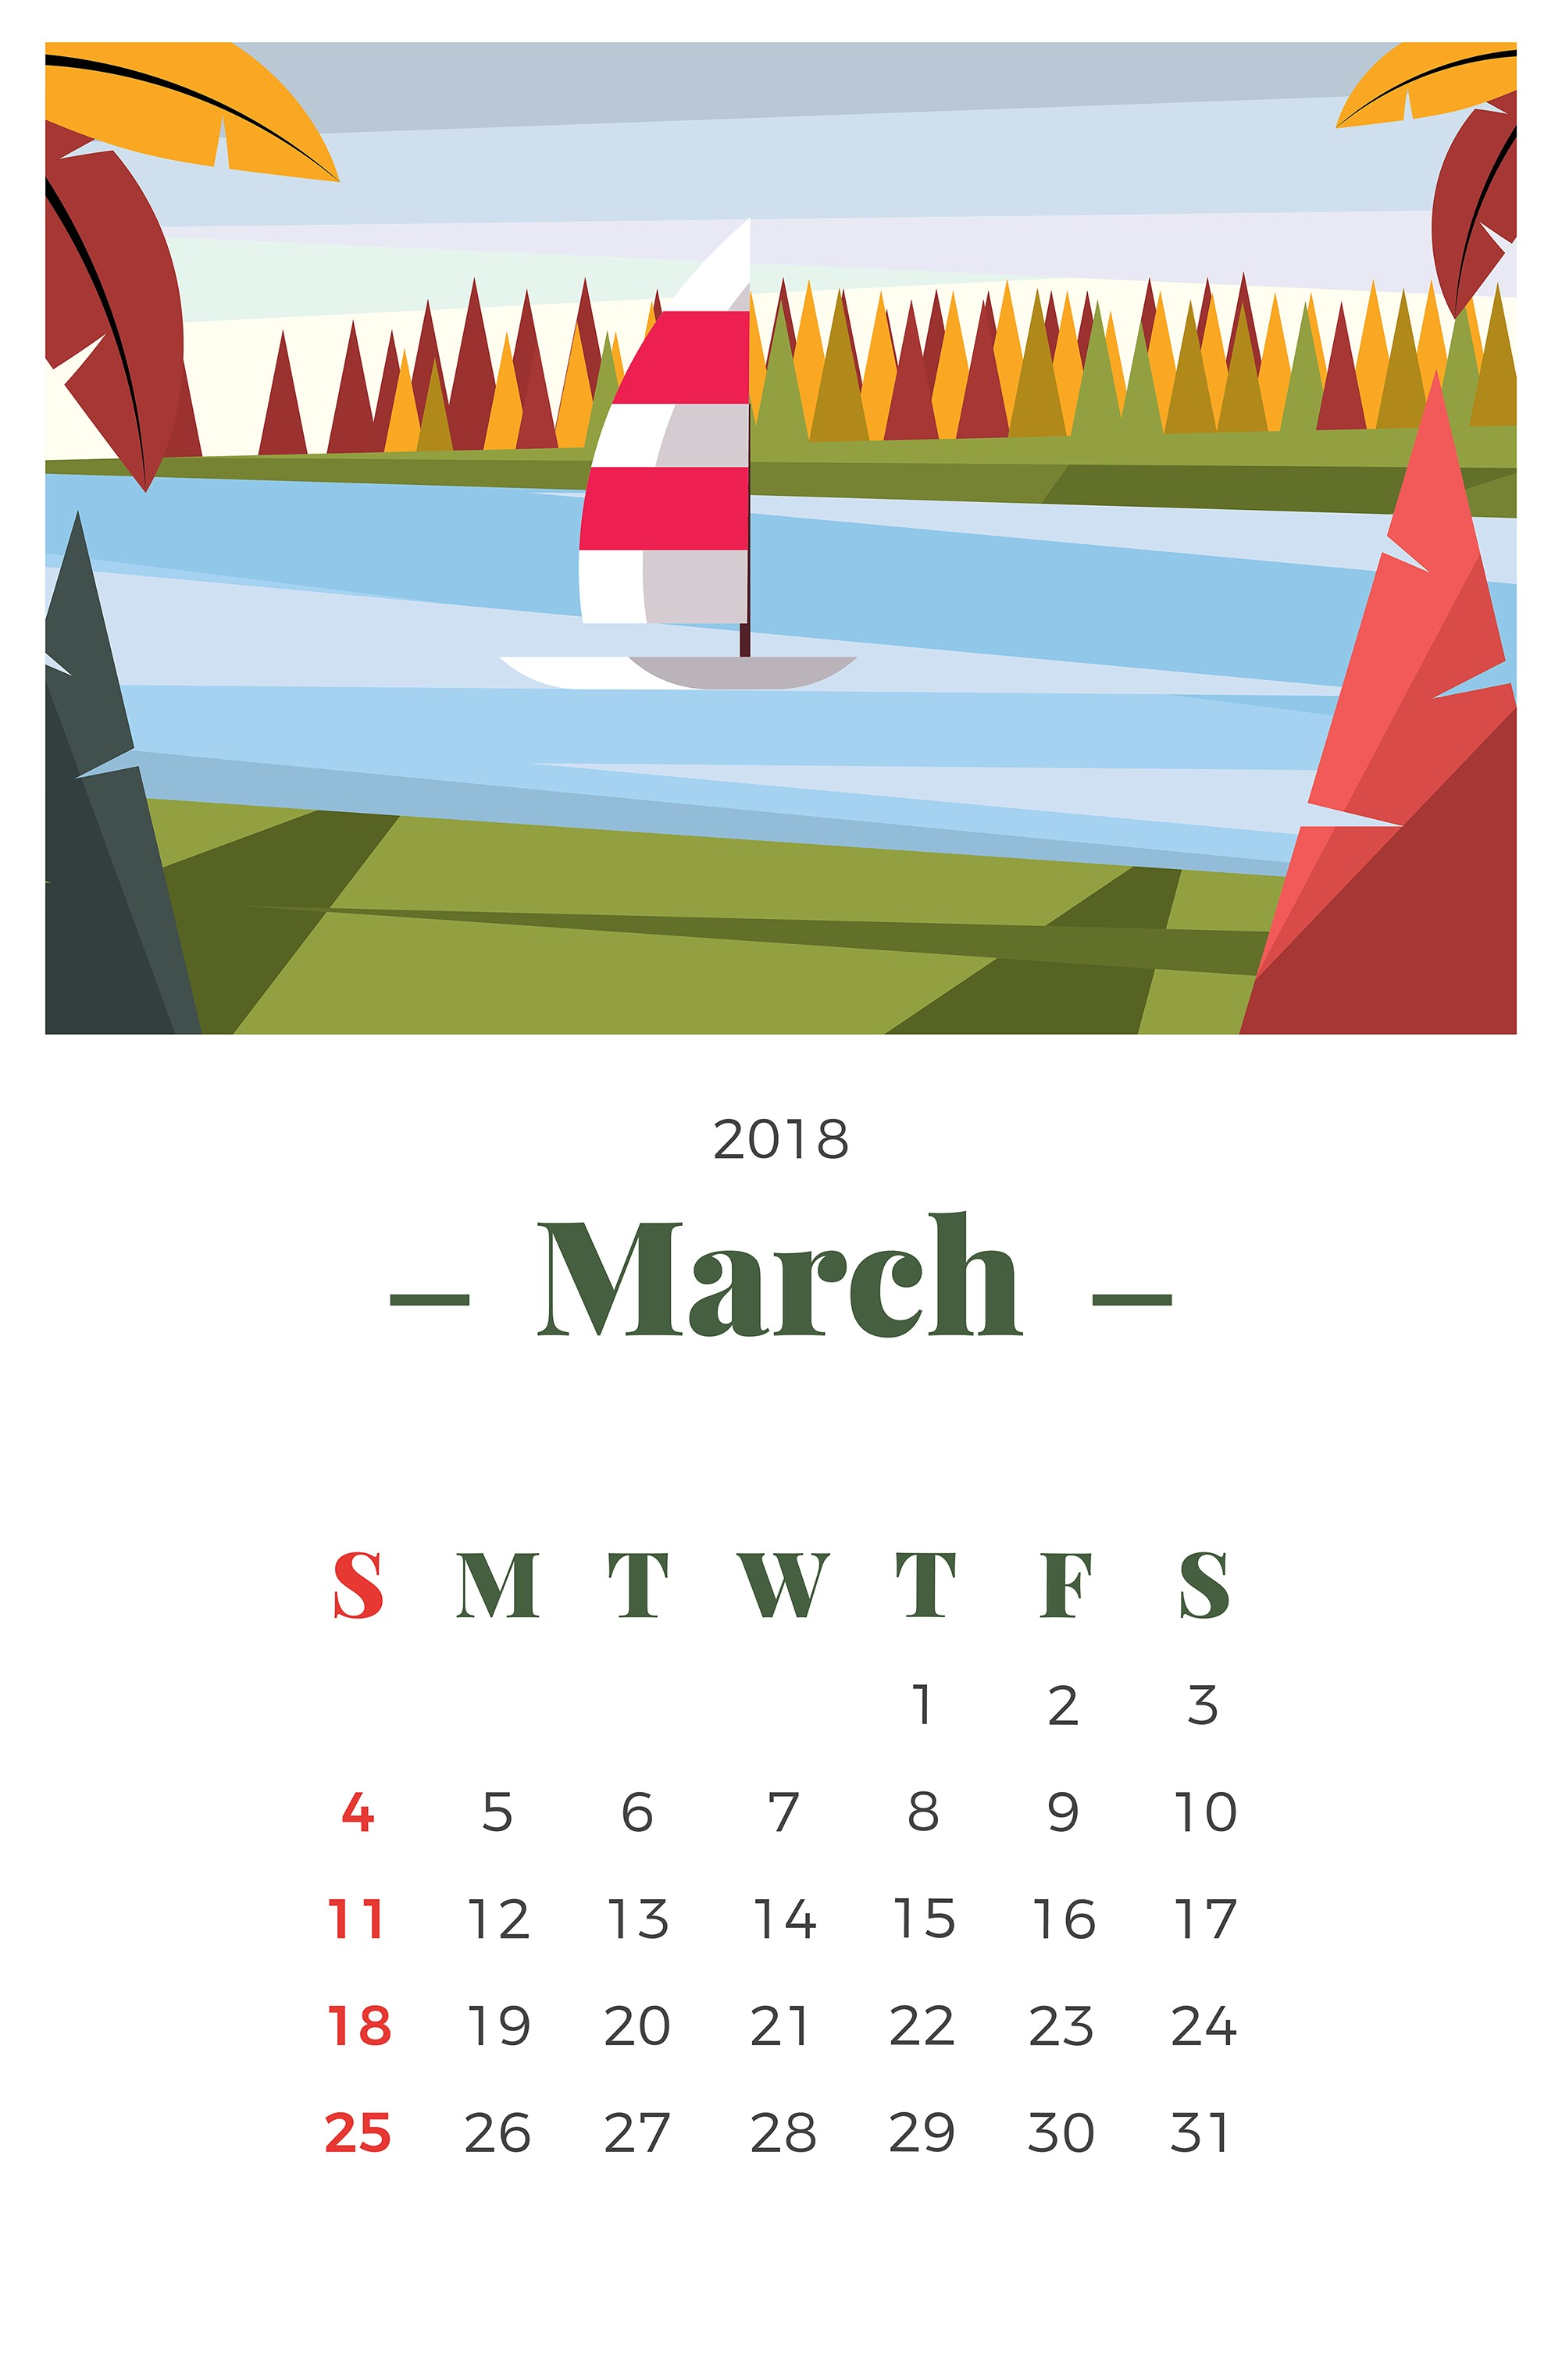 Calendario 2019 Y 2019 Para Imprimir Más Actual Calendario De Paisaje De Marzo De 2018 Descargue Gráficos Y Of Calendario 2019 Y 2019 Para Imprimir Más Recientemente Liberado Descarga Nuestro Calendario 2018 Cámara De Caracas